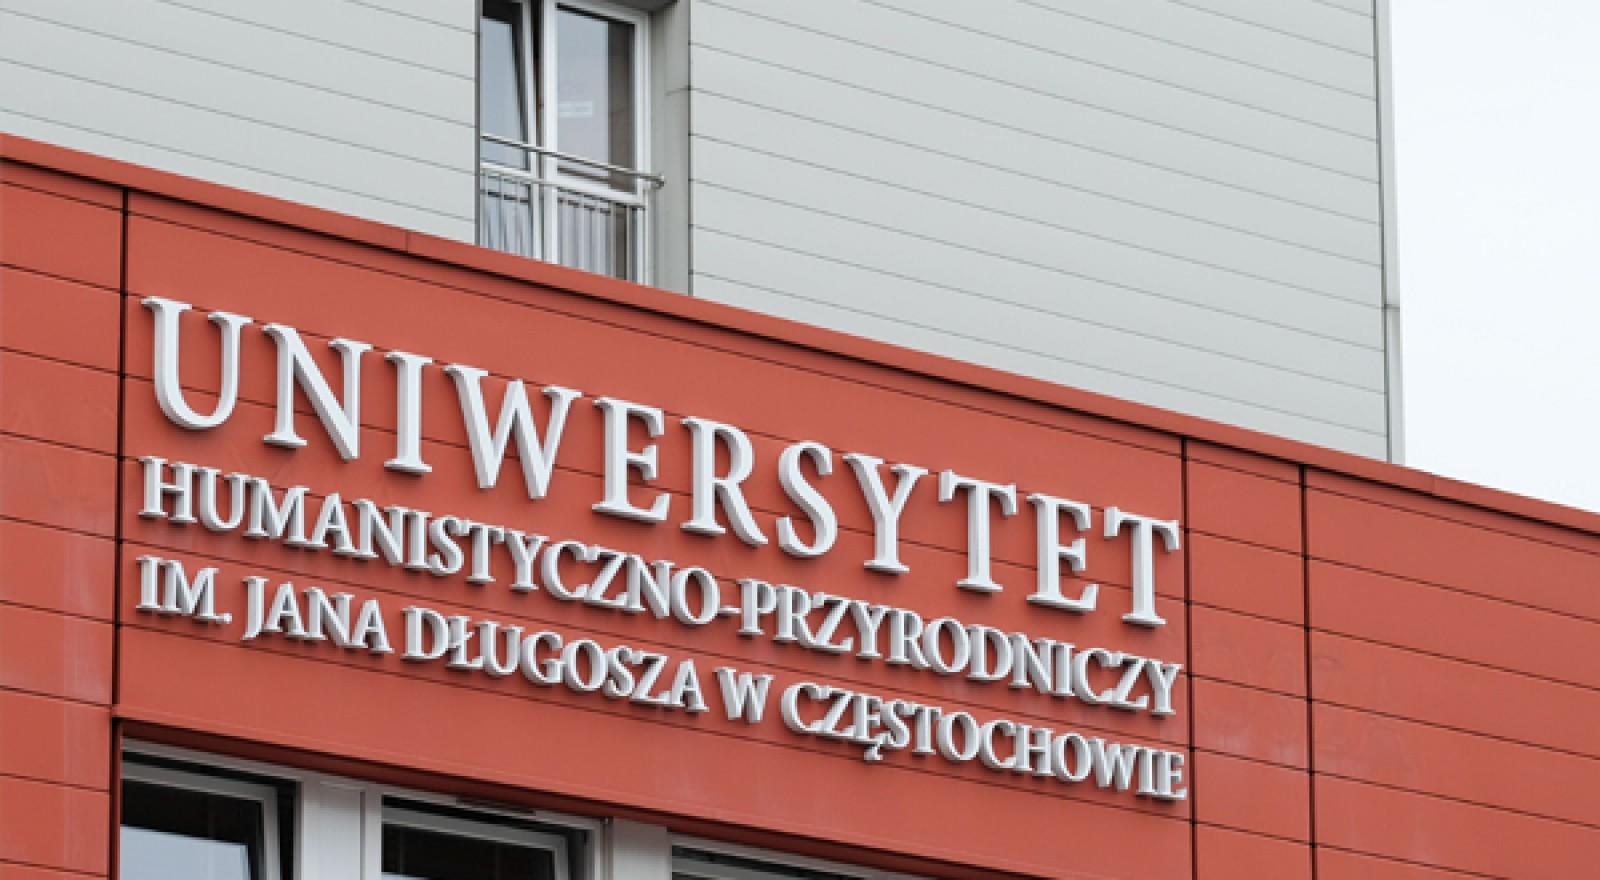 Університет гуманітарних та природничих наук ім. Яна Длугоша в місті Ченстохово